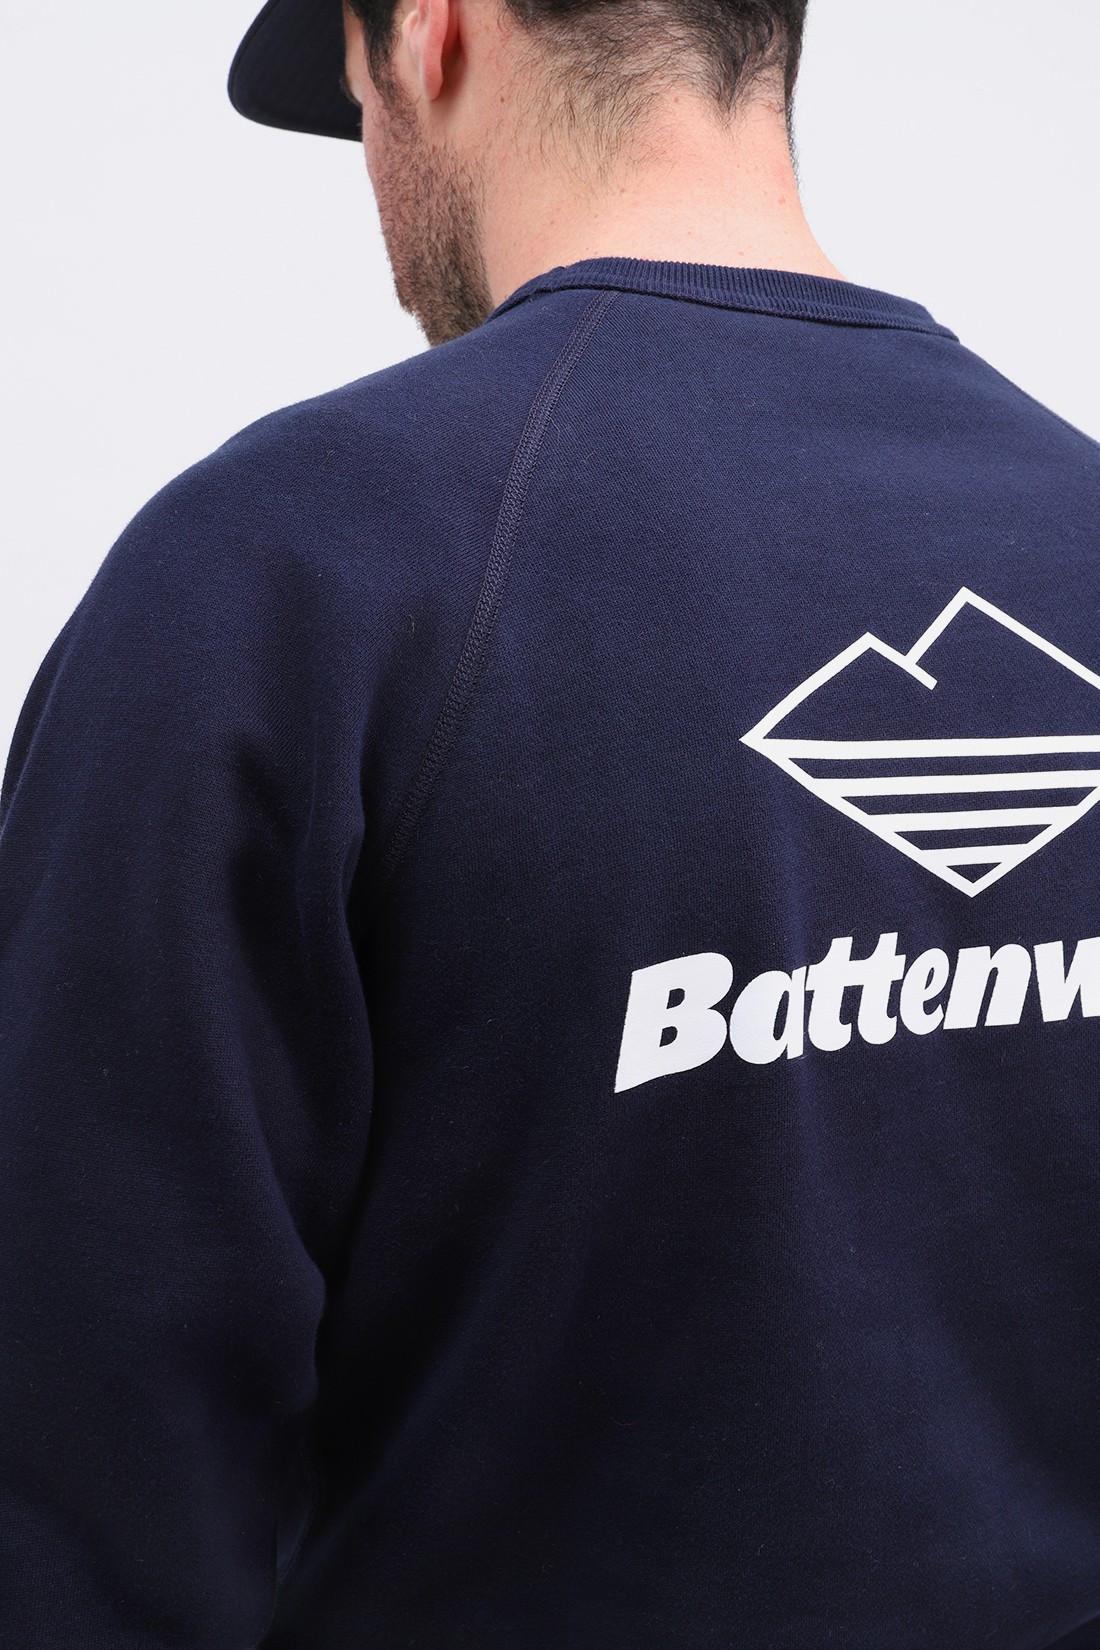 BATTENWEAR / Team reach up sweatshirt Midnight navy